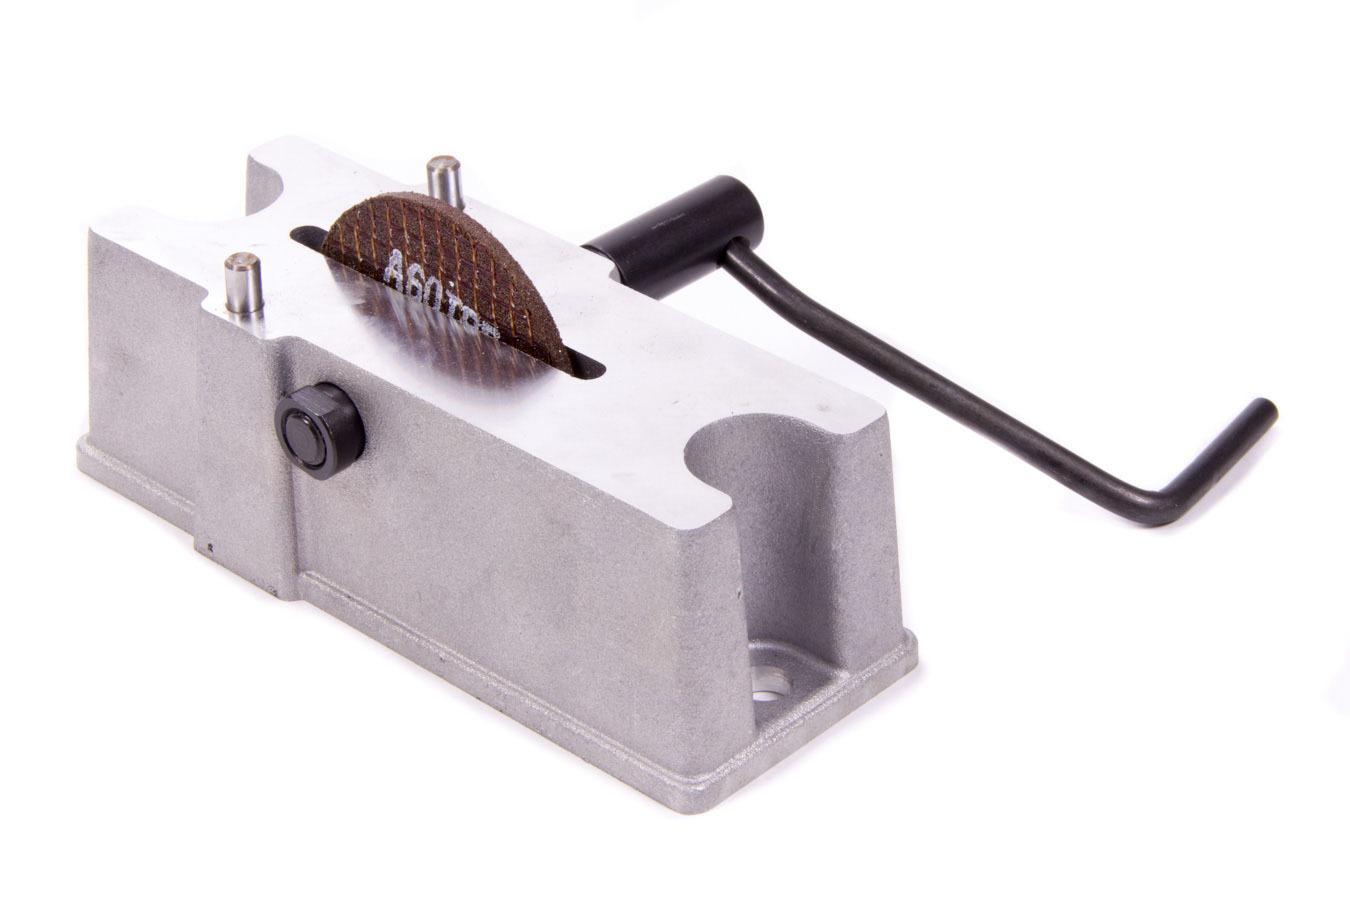 Proform Manual Piston Ring Filer